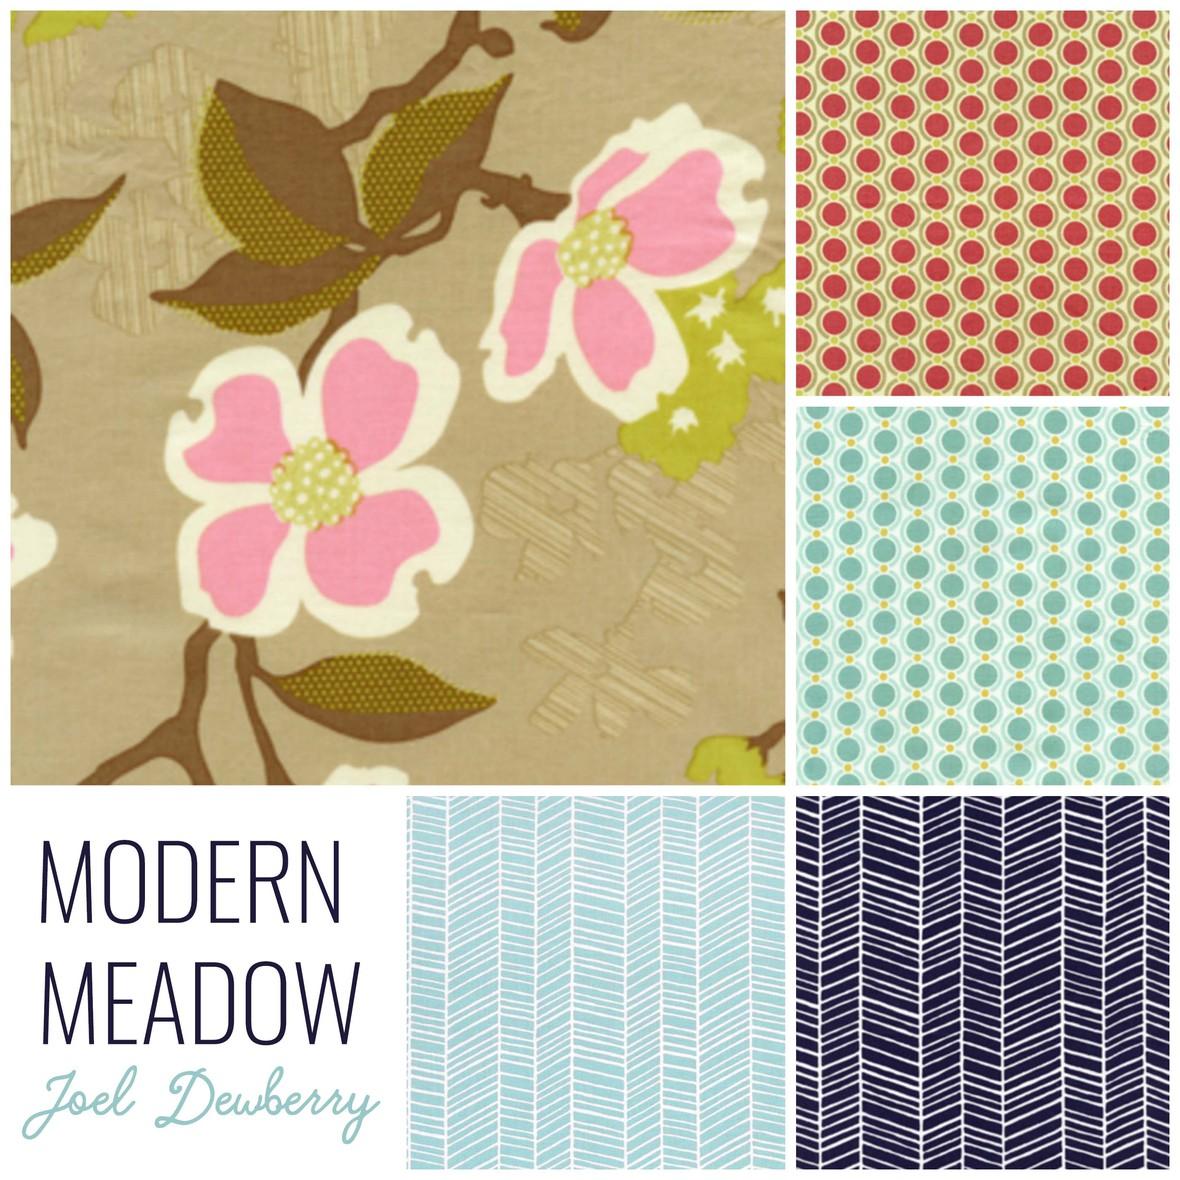 Modern Meadow Joel Dewberry